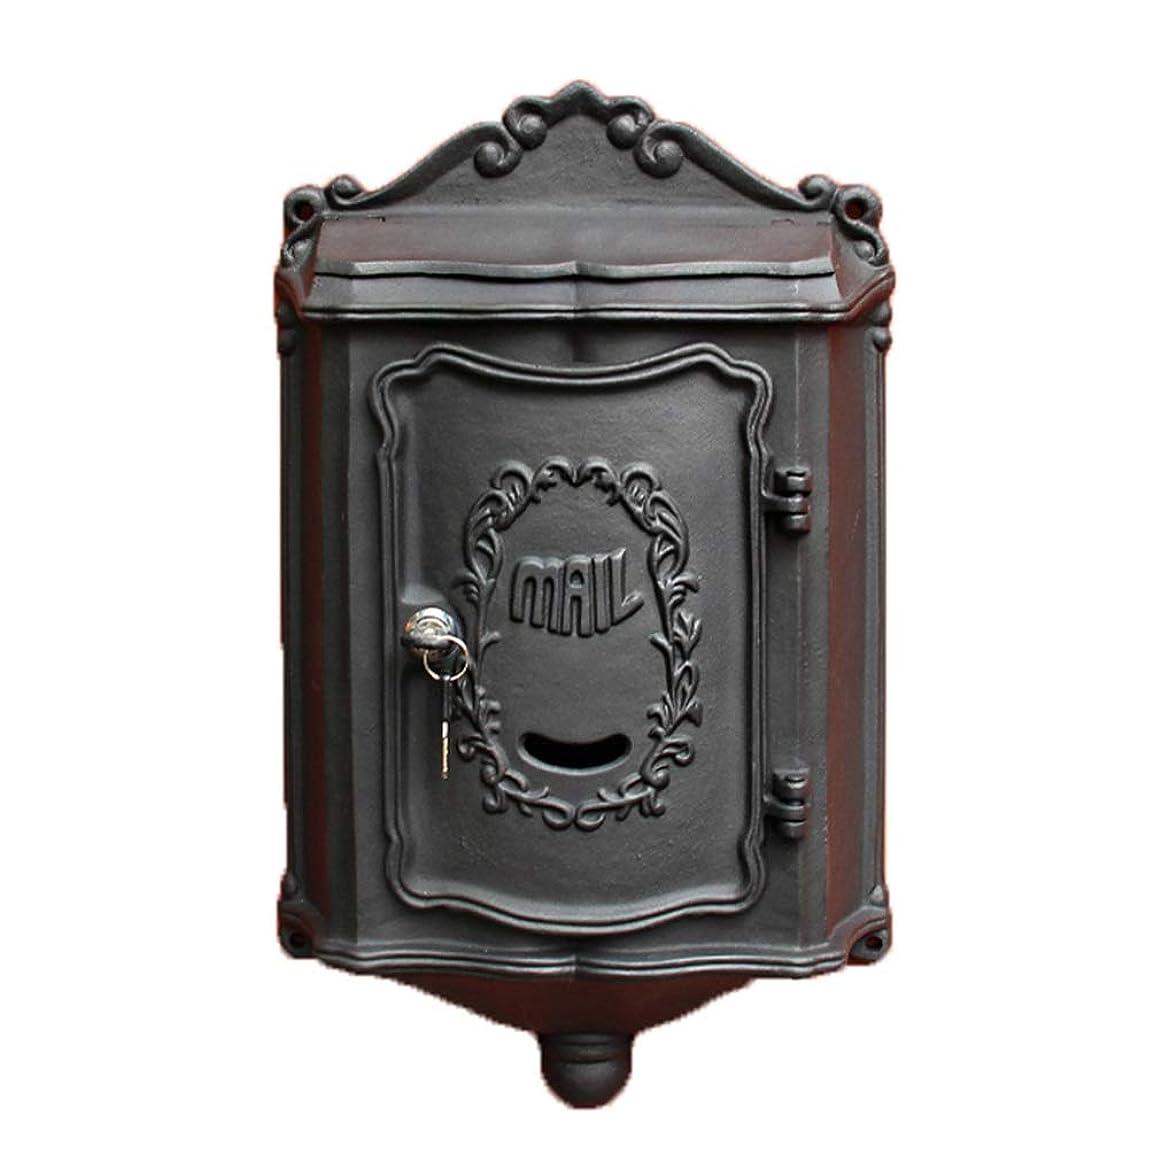 歴史家ご意見優しいメールボックスメールボックスメールボックスは、亜鉛メッキ鋼板は、防水、メールボックスのメールボックスポーチ付きロックメールボックスを壁掛け (Color : Black, Size : 50.5*30.5*10cm)